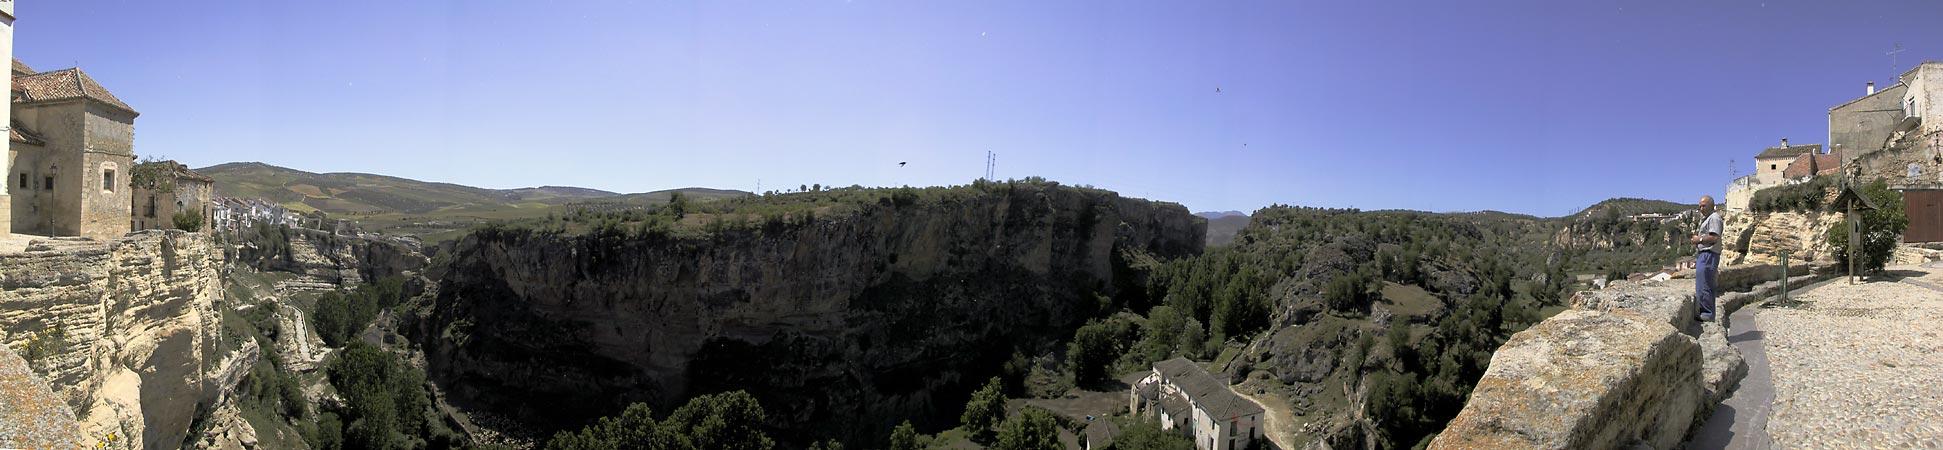 Witte loodrechte rots aan de kant van het stadje; loodrechte grijze rots aan de overkant, bomen in de kloof